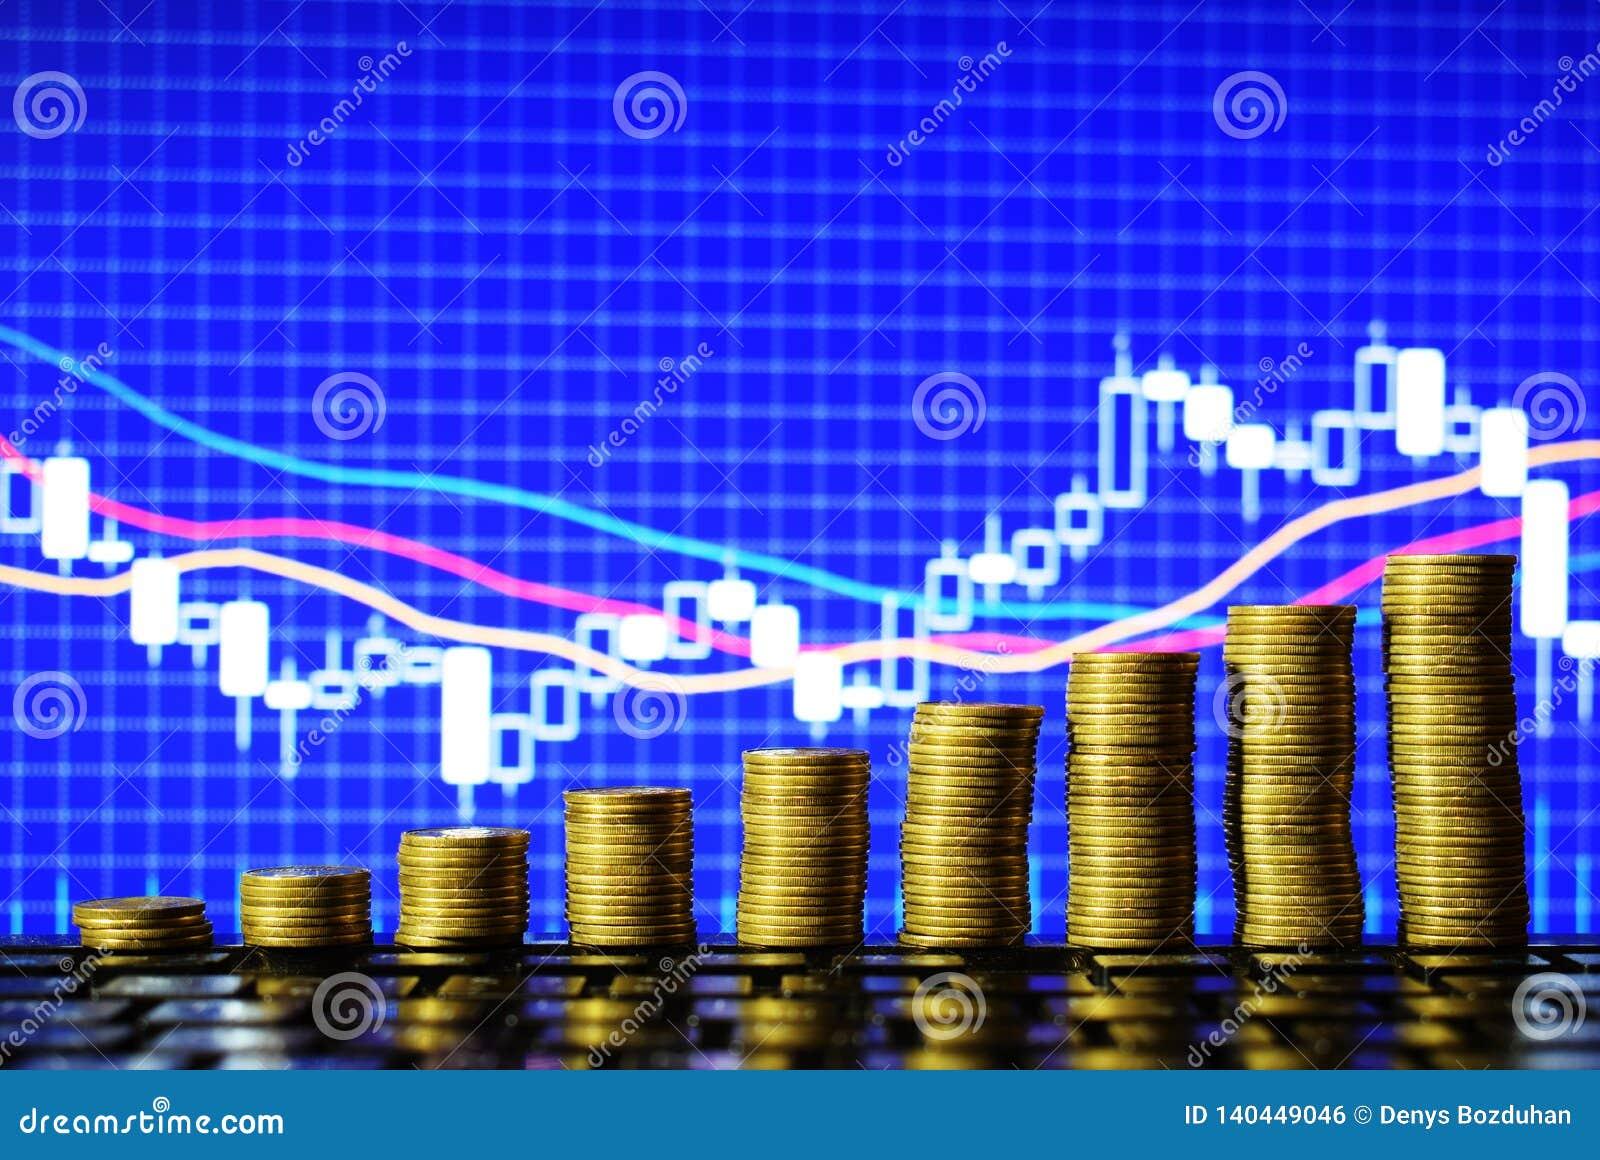 Лестница к богатству золотых монеток изолированных на предпосылке диаграммы валют